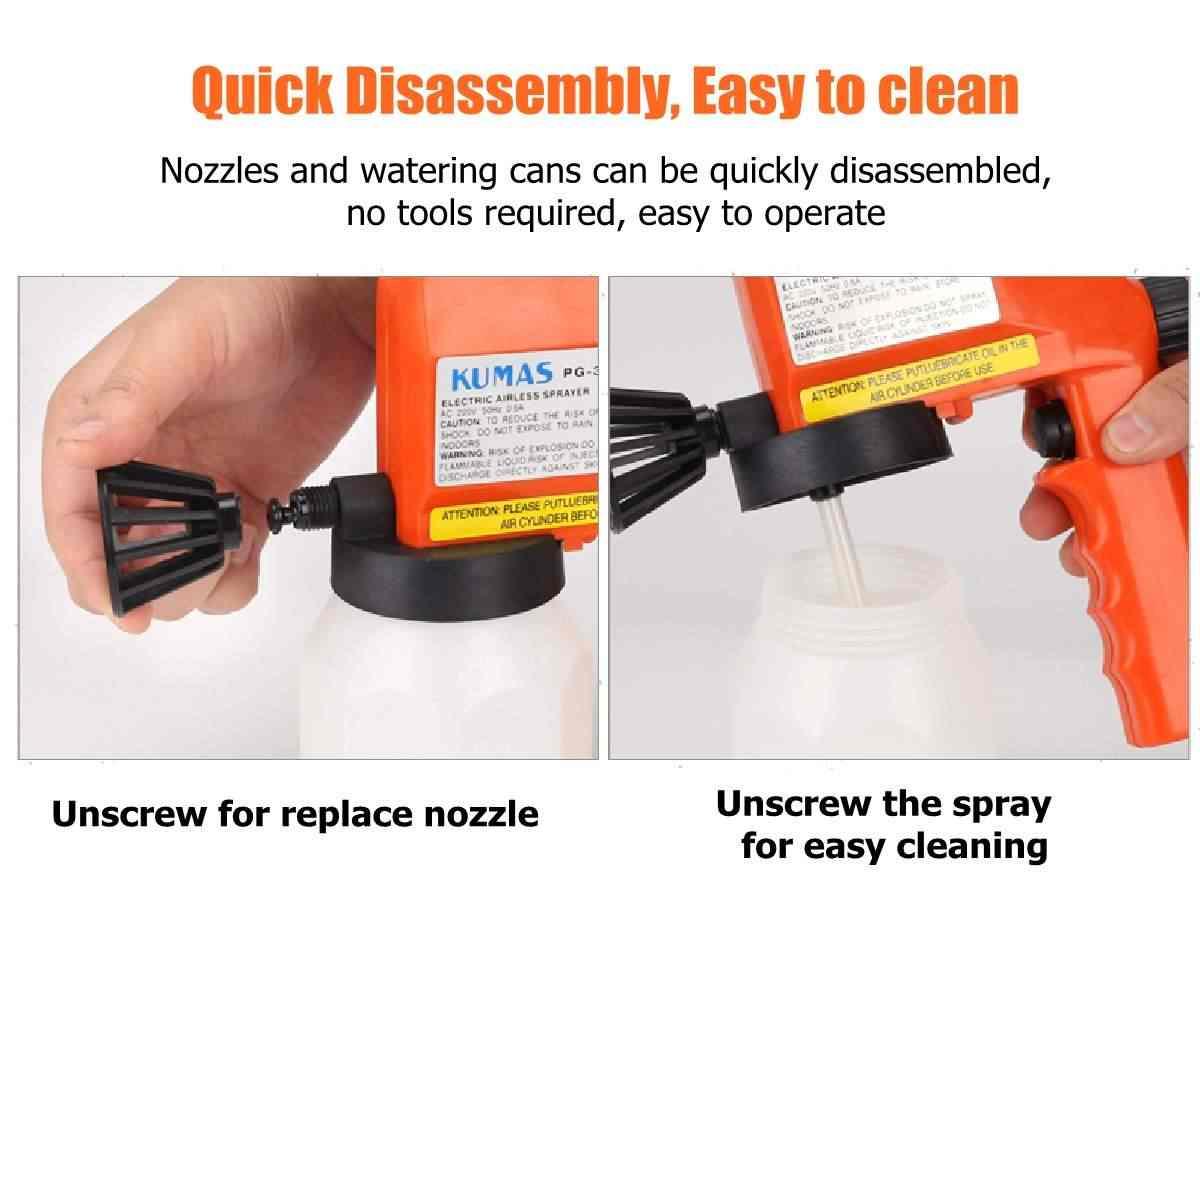 220V büyük kapasiteli elektrikli boya püskürtme tabancası havasız el püskürtme tabancası boyama için evler/garajlar/güverte/mobilya